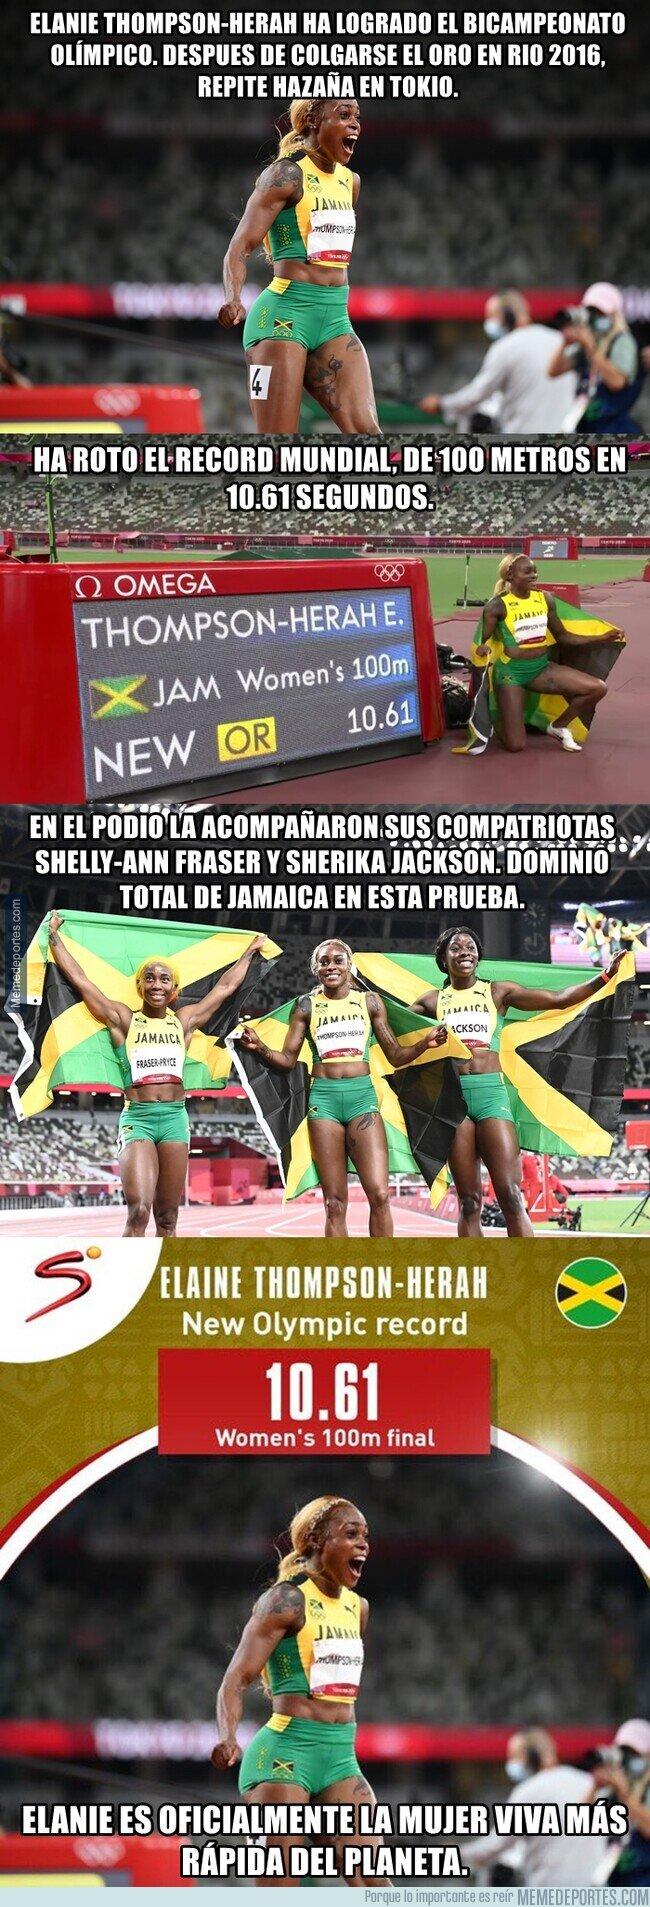 1141018 - Jamaica es sin dudas la cuna de los humanos más rápidos